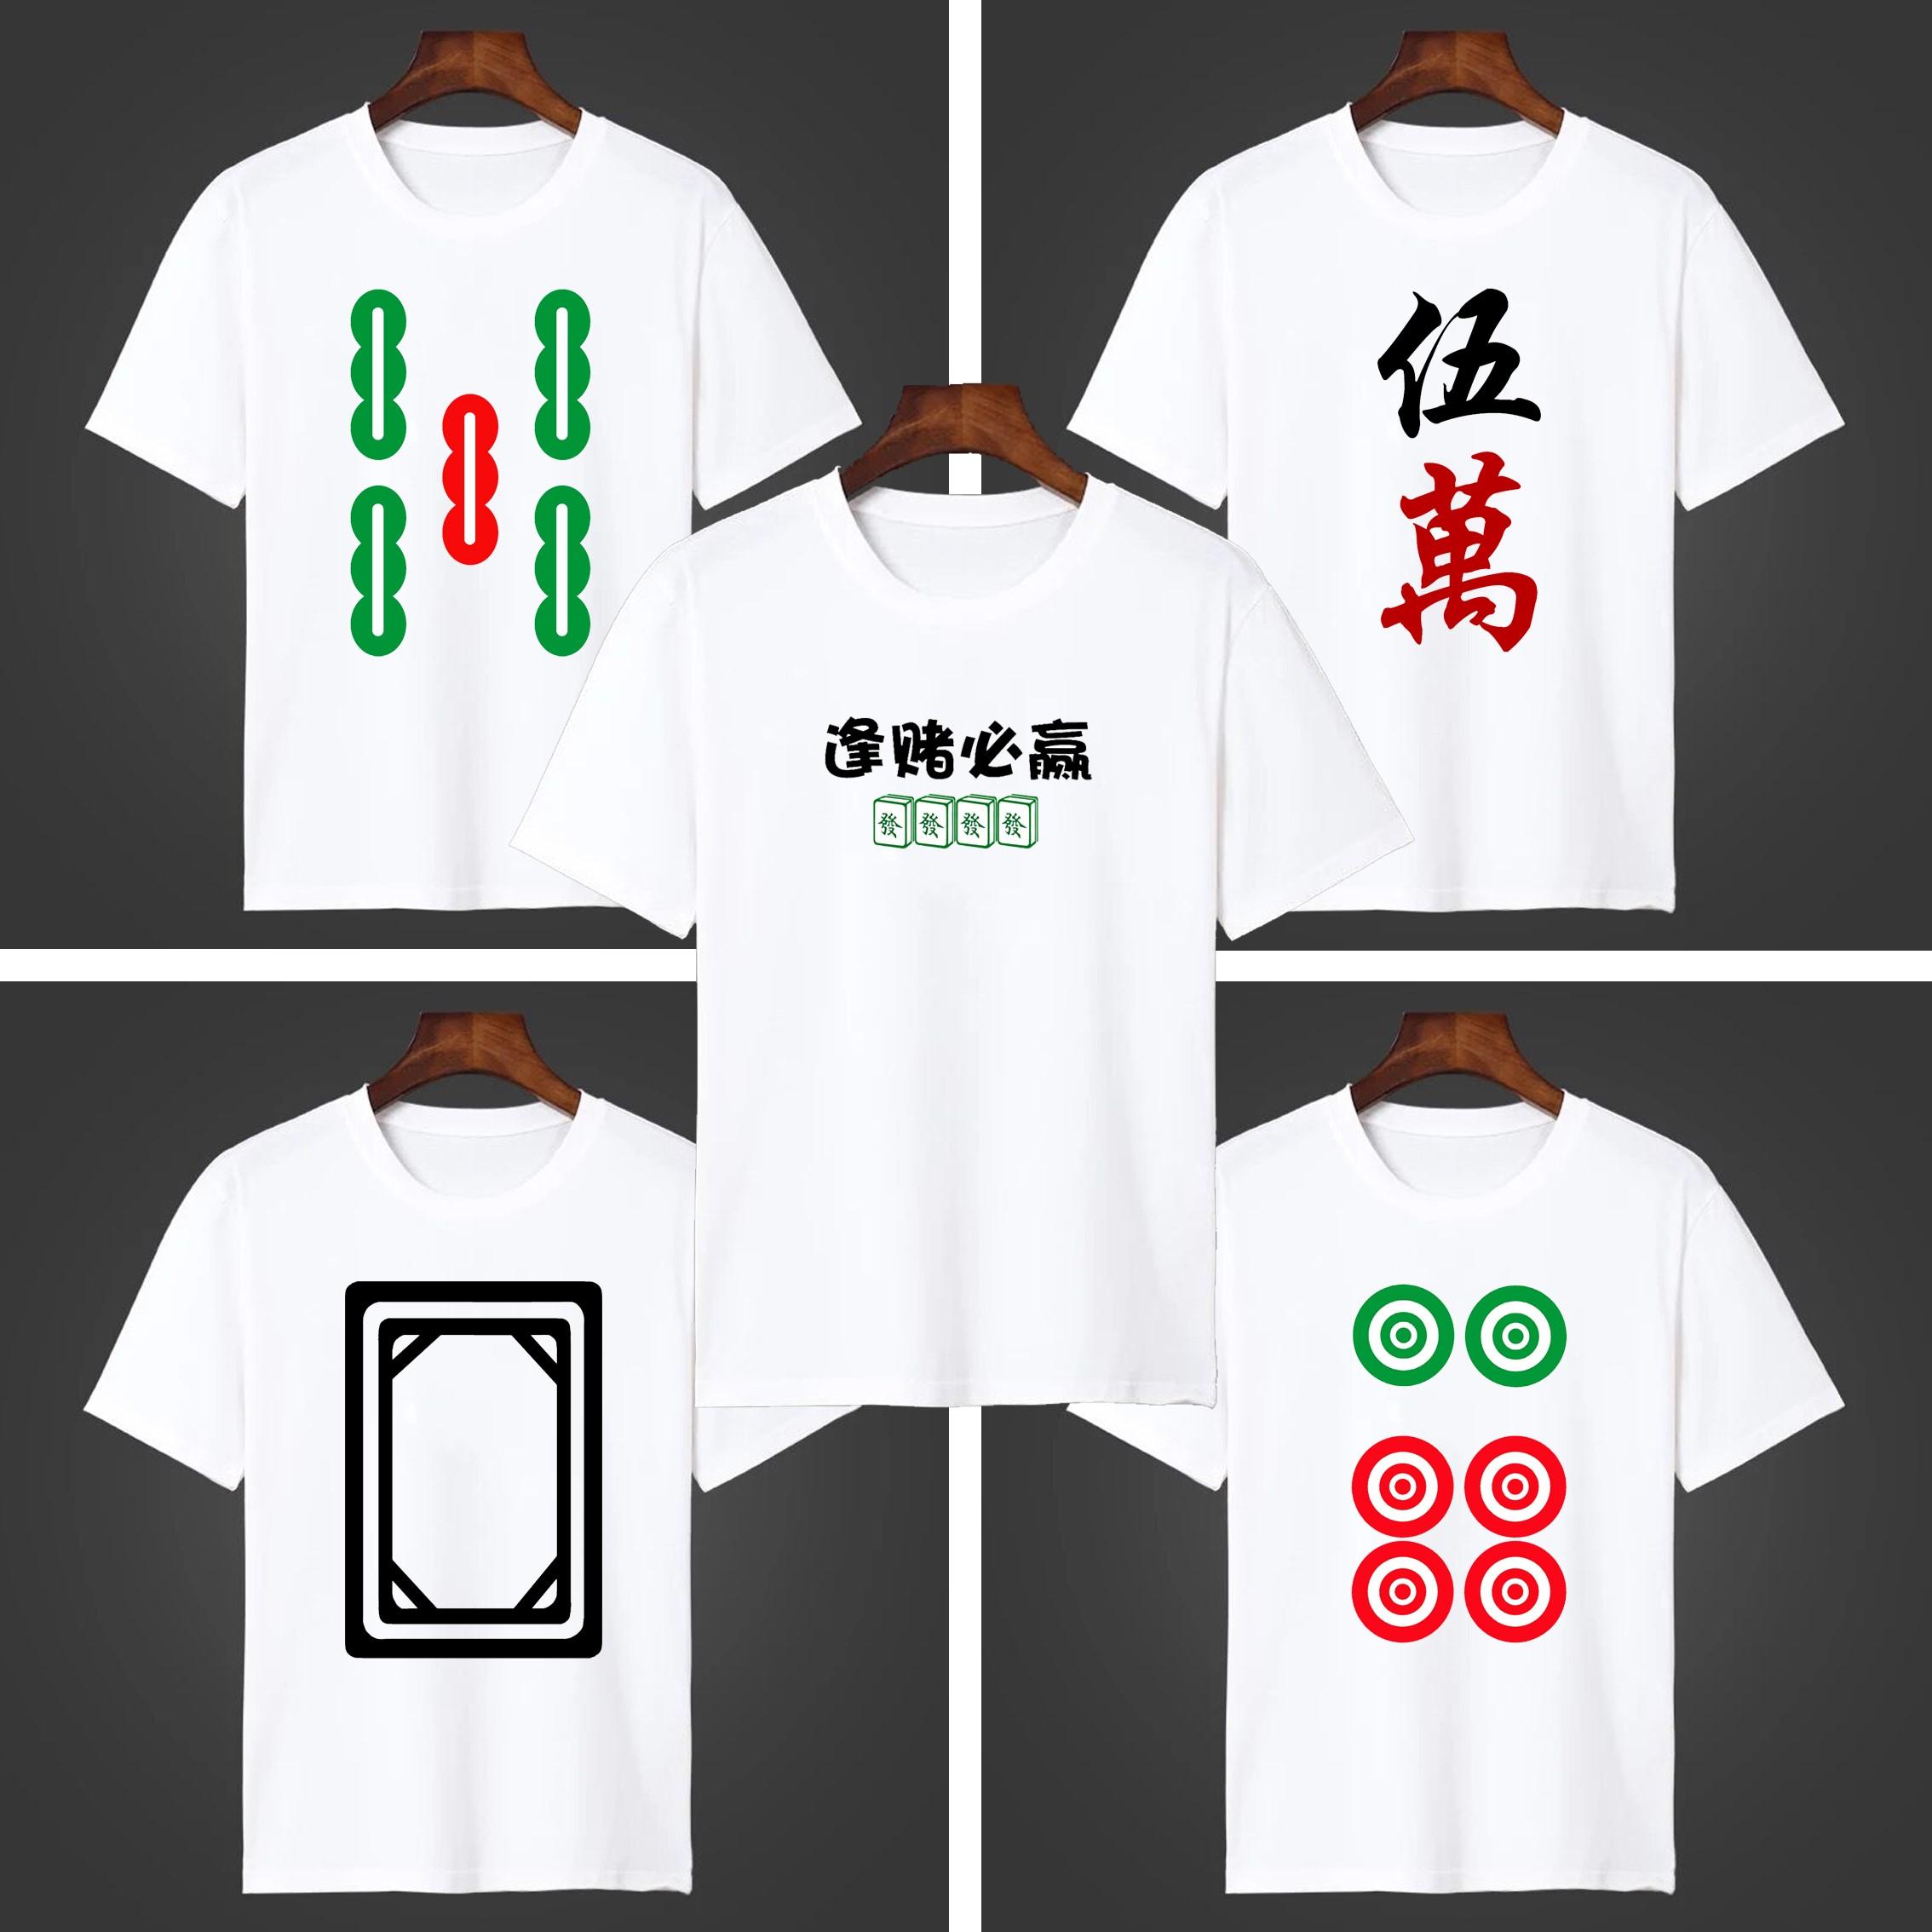 个性衣服男女的麻将搞笑创意t个性半袖夏季中国图案恤衫抖音潮服